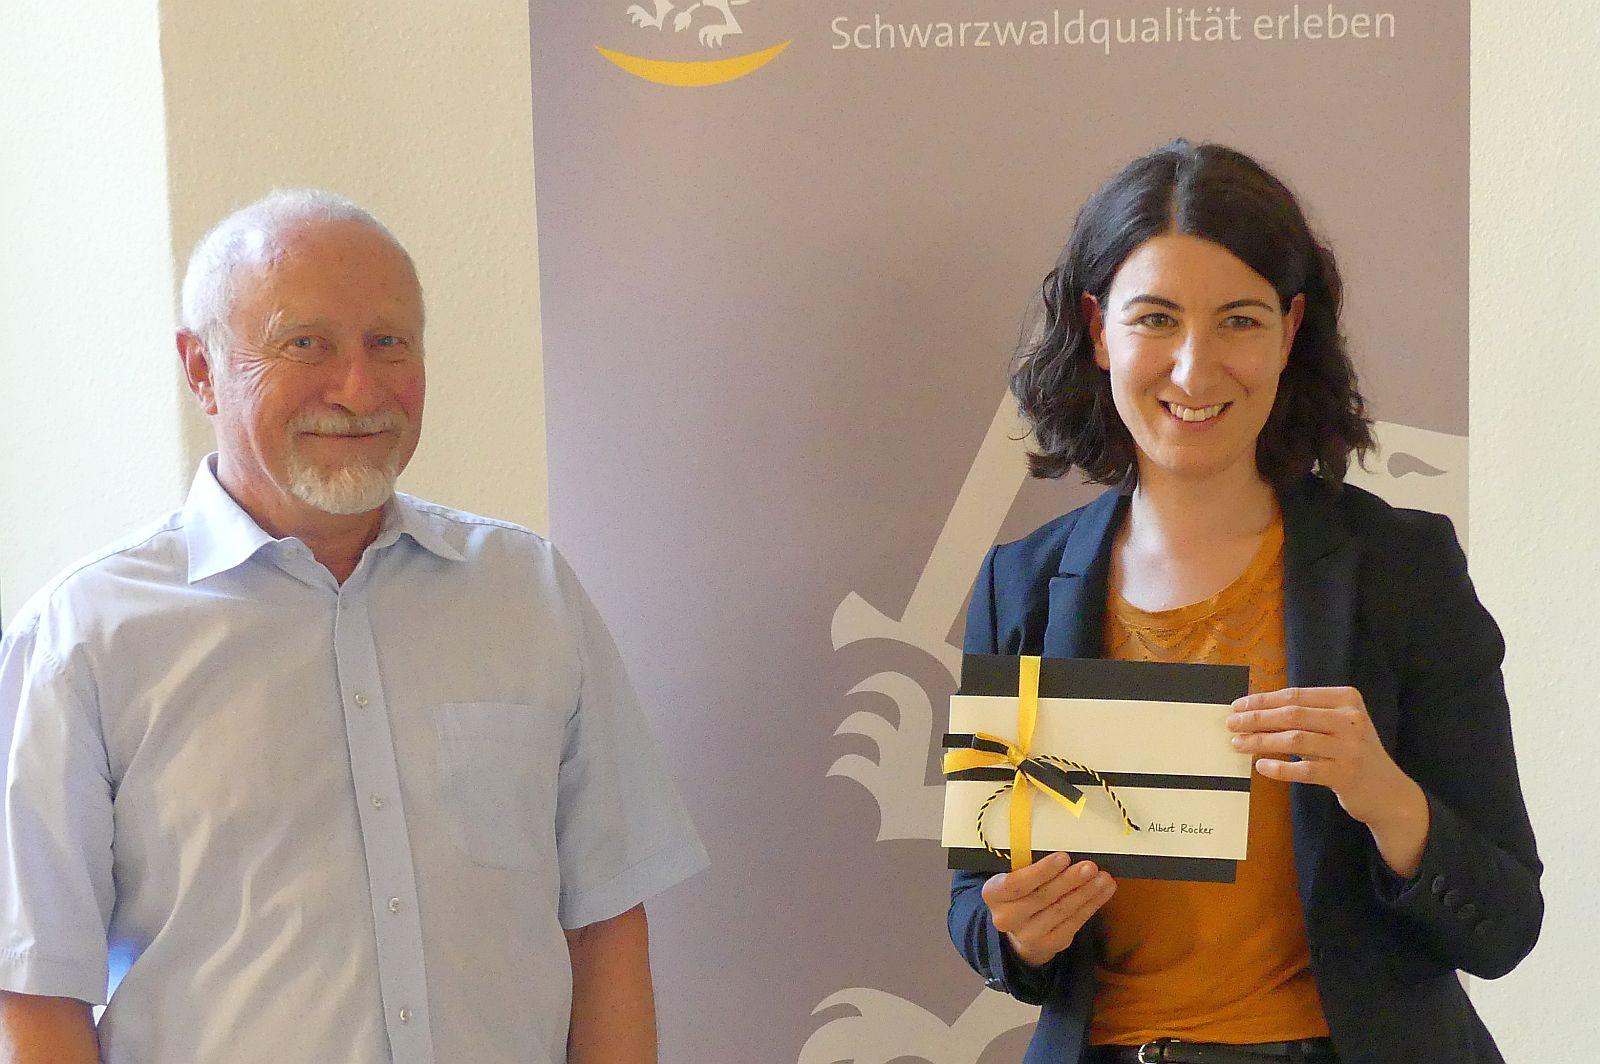 Oberbürgermeisterin Dorothee Eisenlohr überreicht Albert Röcker als Abschiedsgeschenk HGV-Gutscheine und Künstlerpostkarten mit Schramberger Szenen.